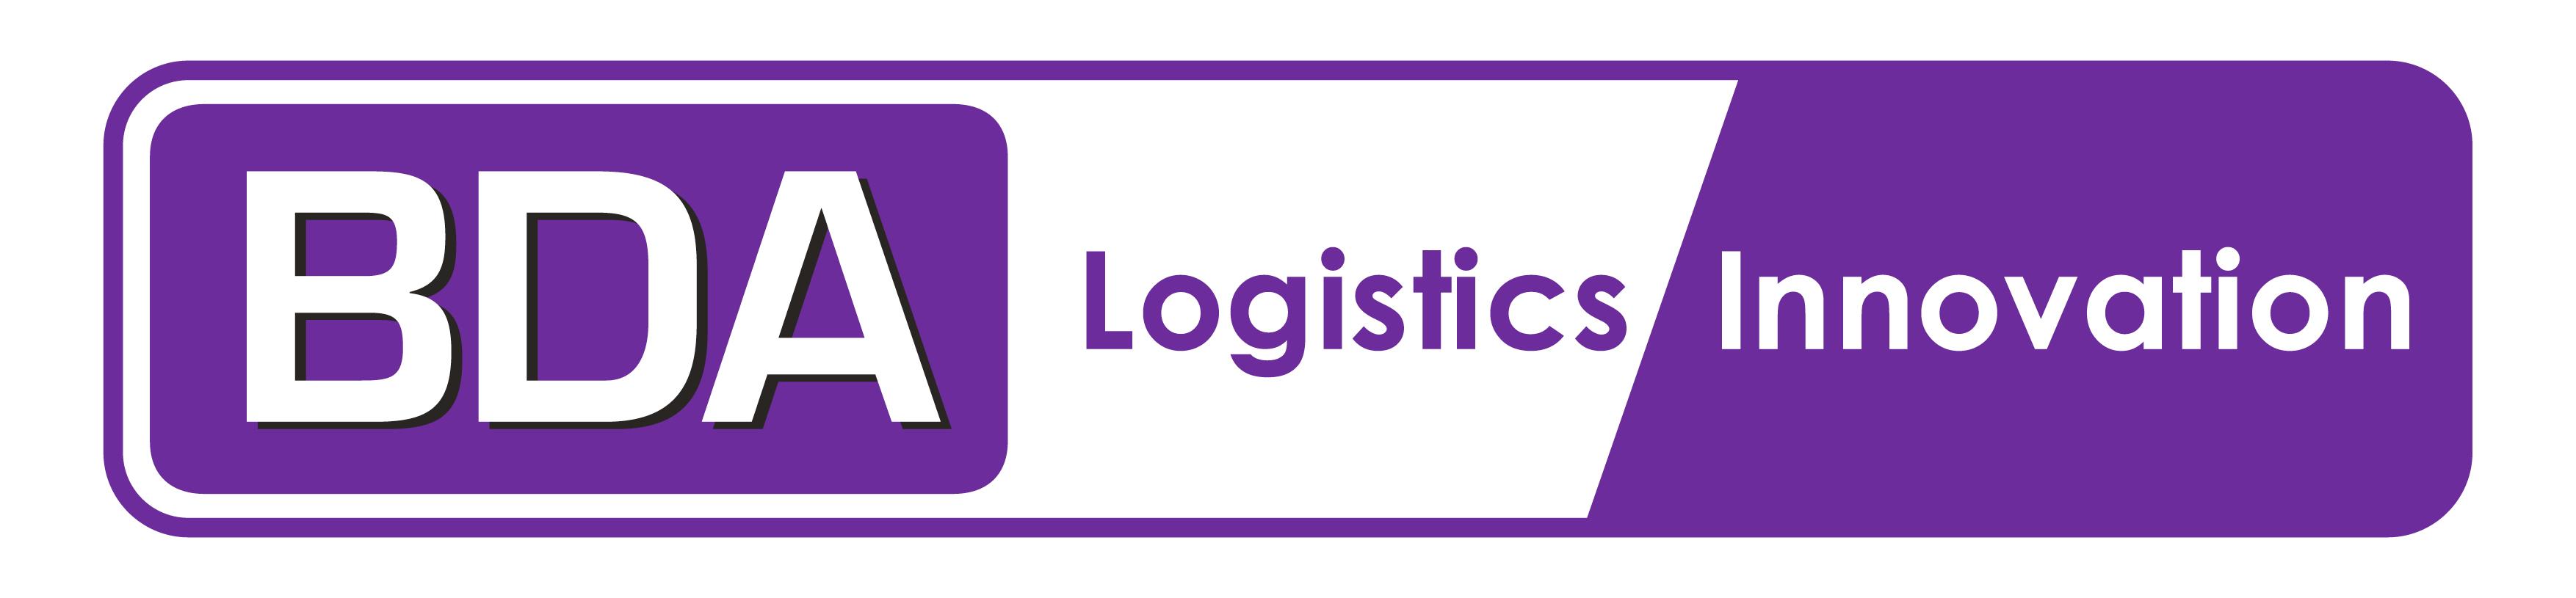 BDA Logistics